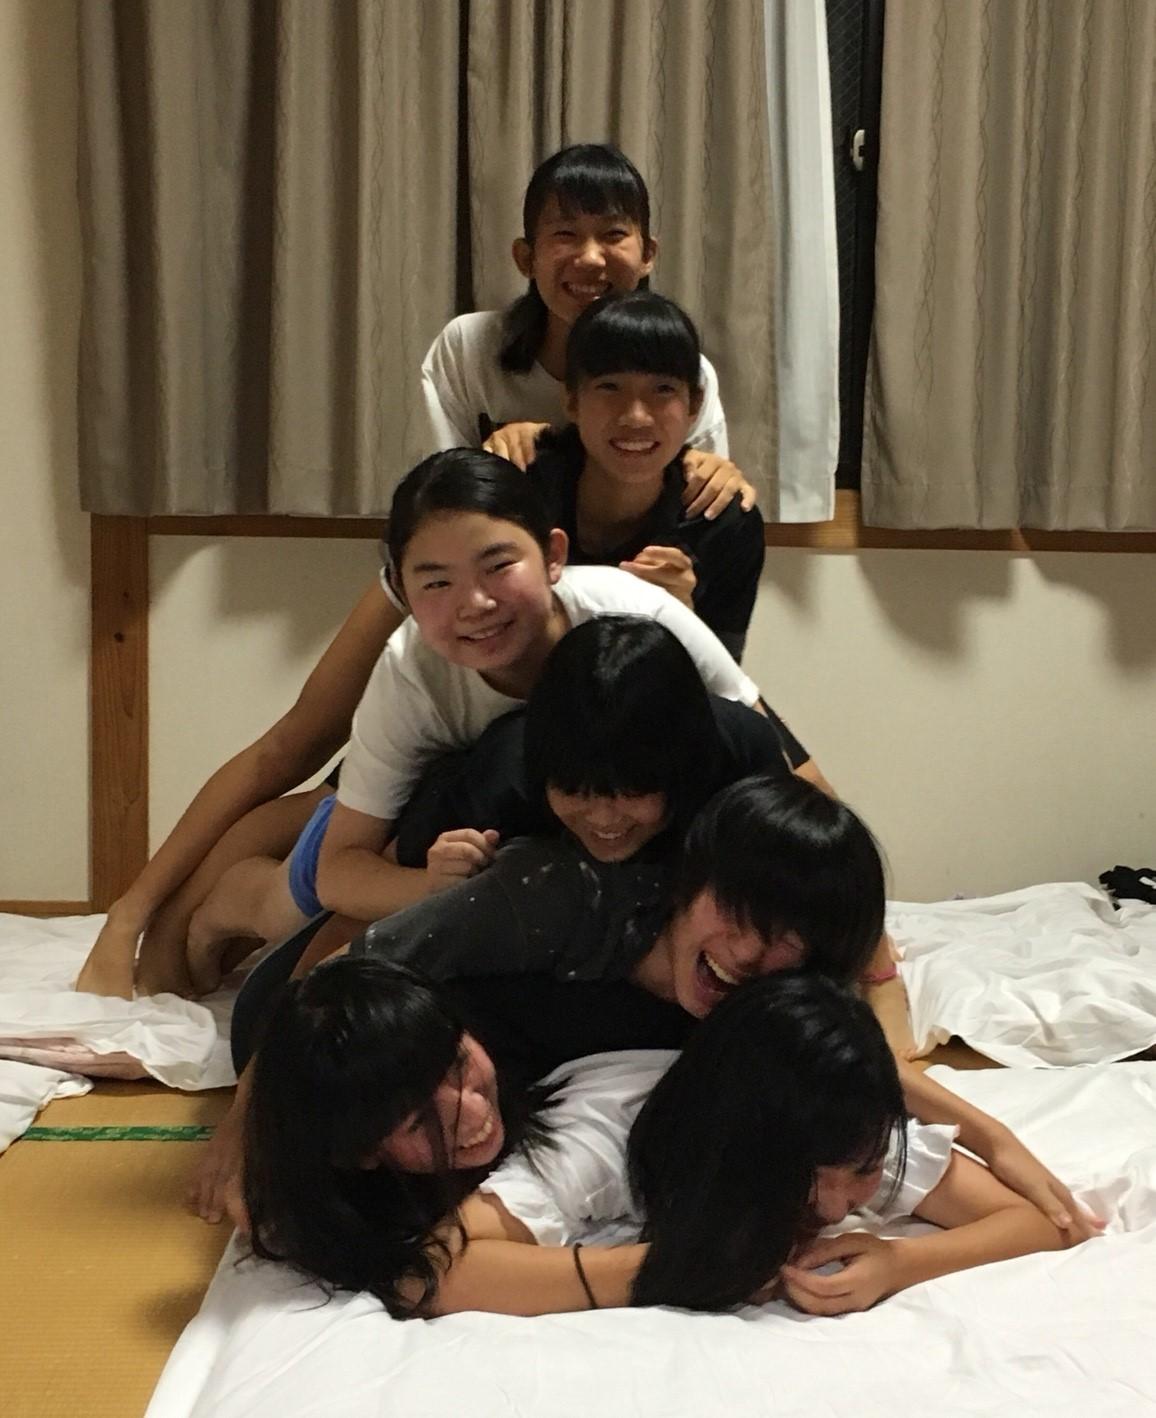 中3宮崎夏合宿 4日目夜の写真_d0116009_13345037.jpg